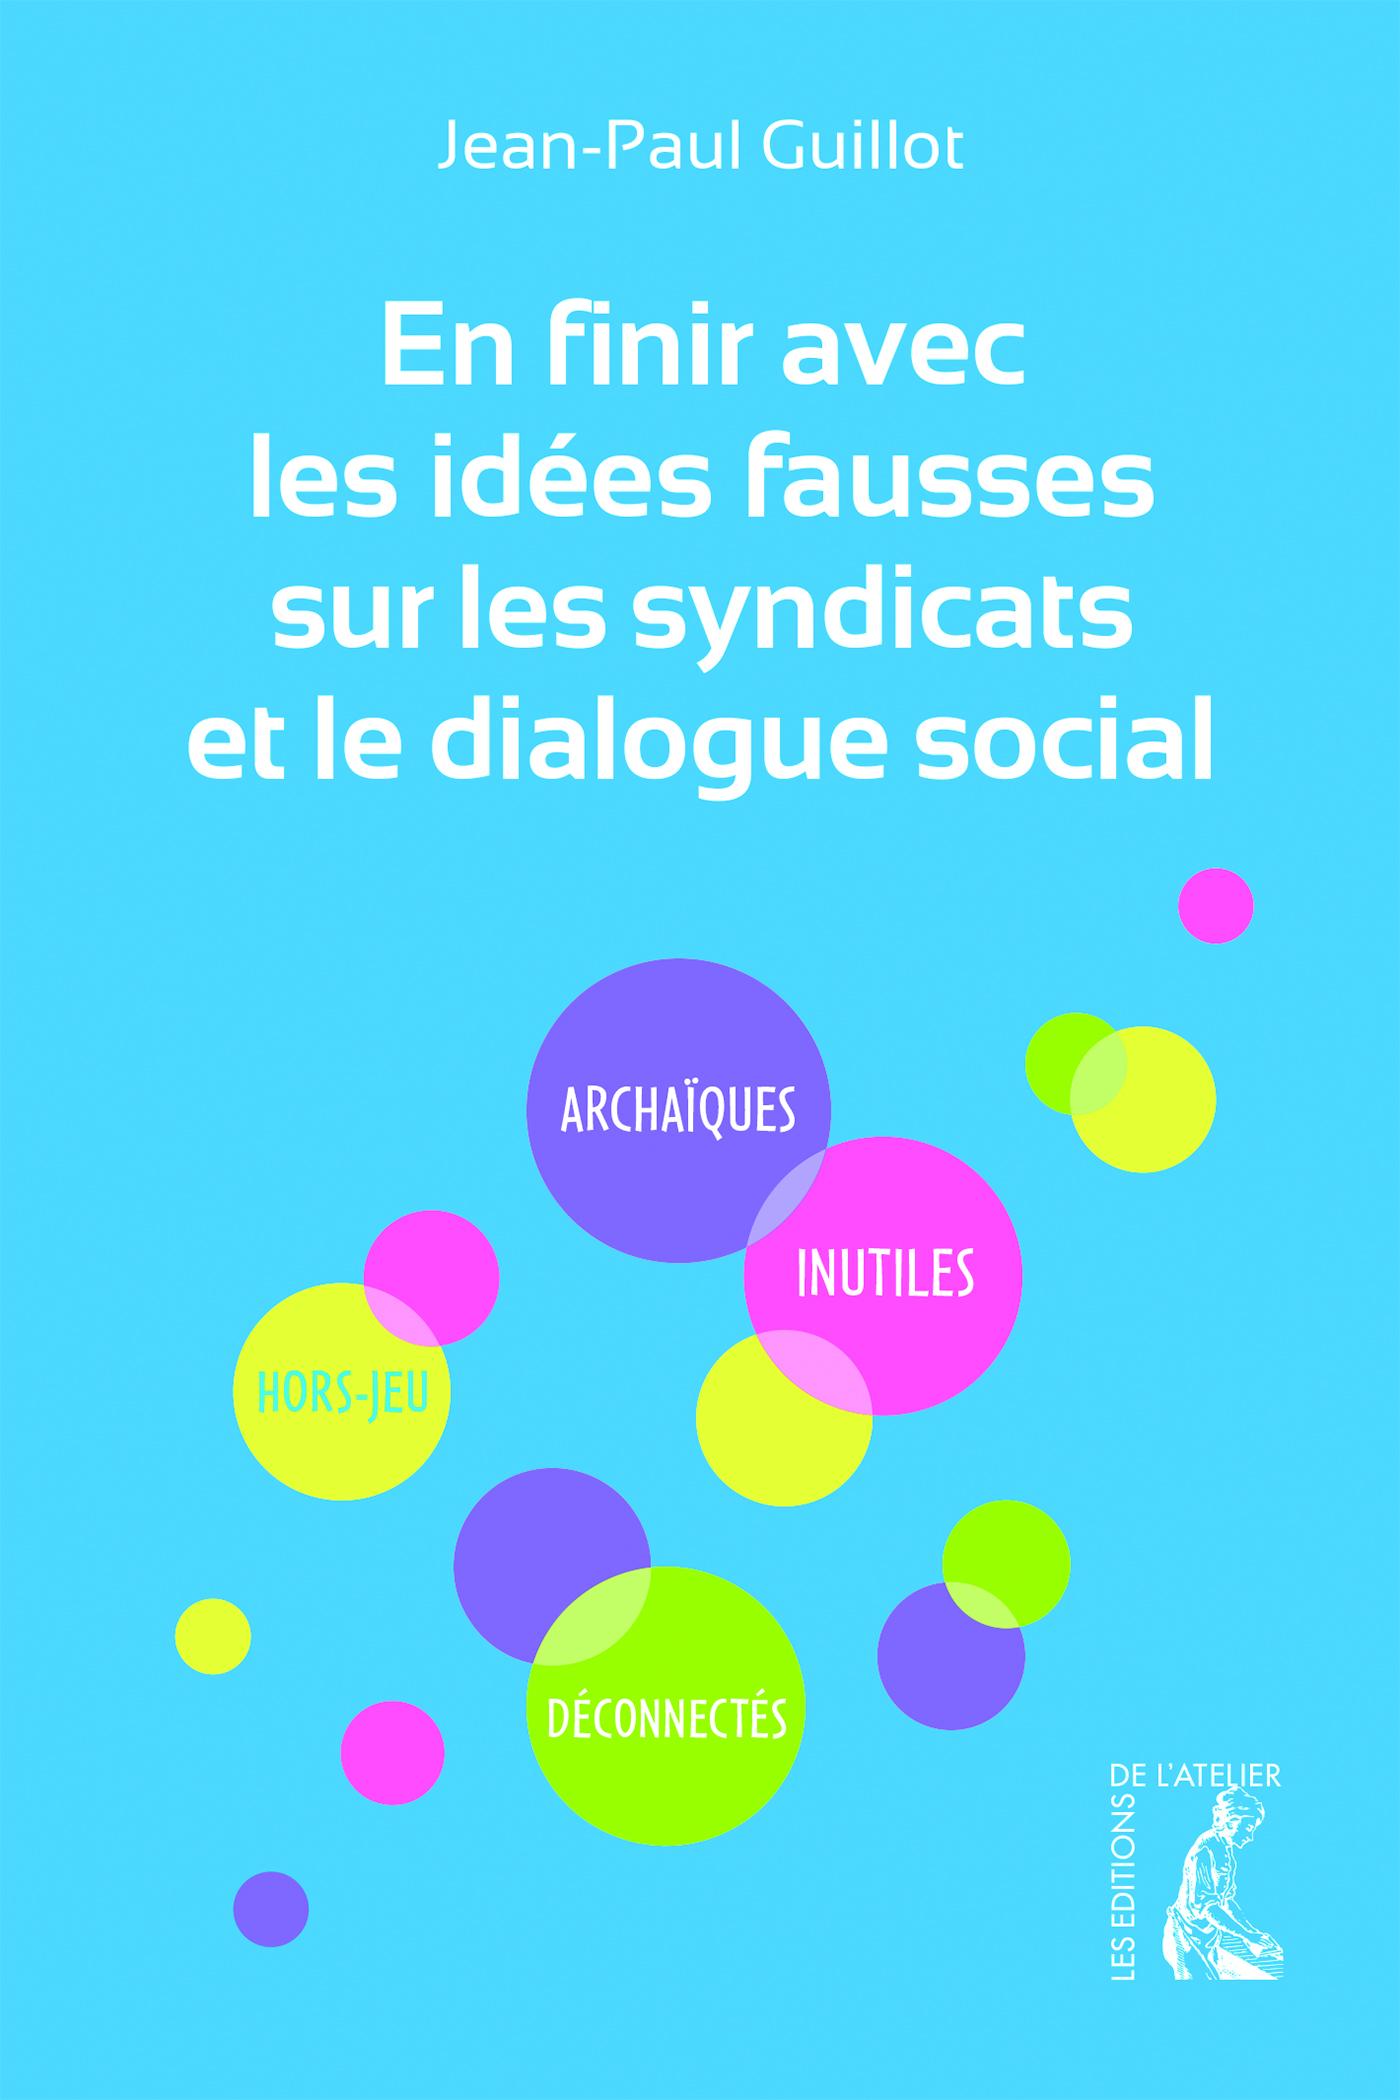 https://editionsatelier.com/boutique/travail/113-en-finir-avec-les-idees-fausses-sur-les-syndicats-et-le-dialogue-social-9782708243262.html